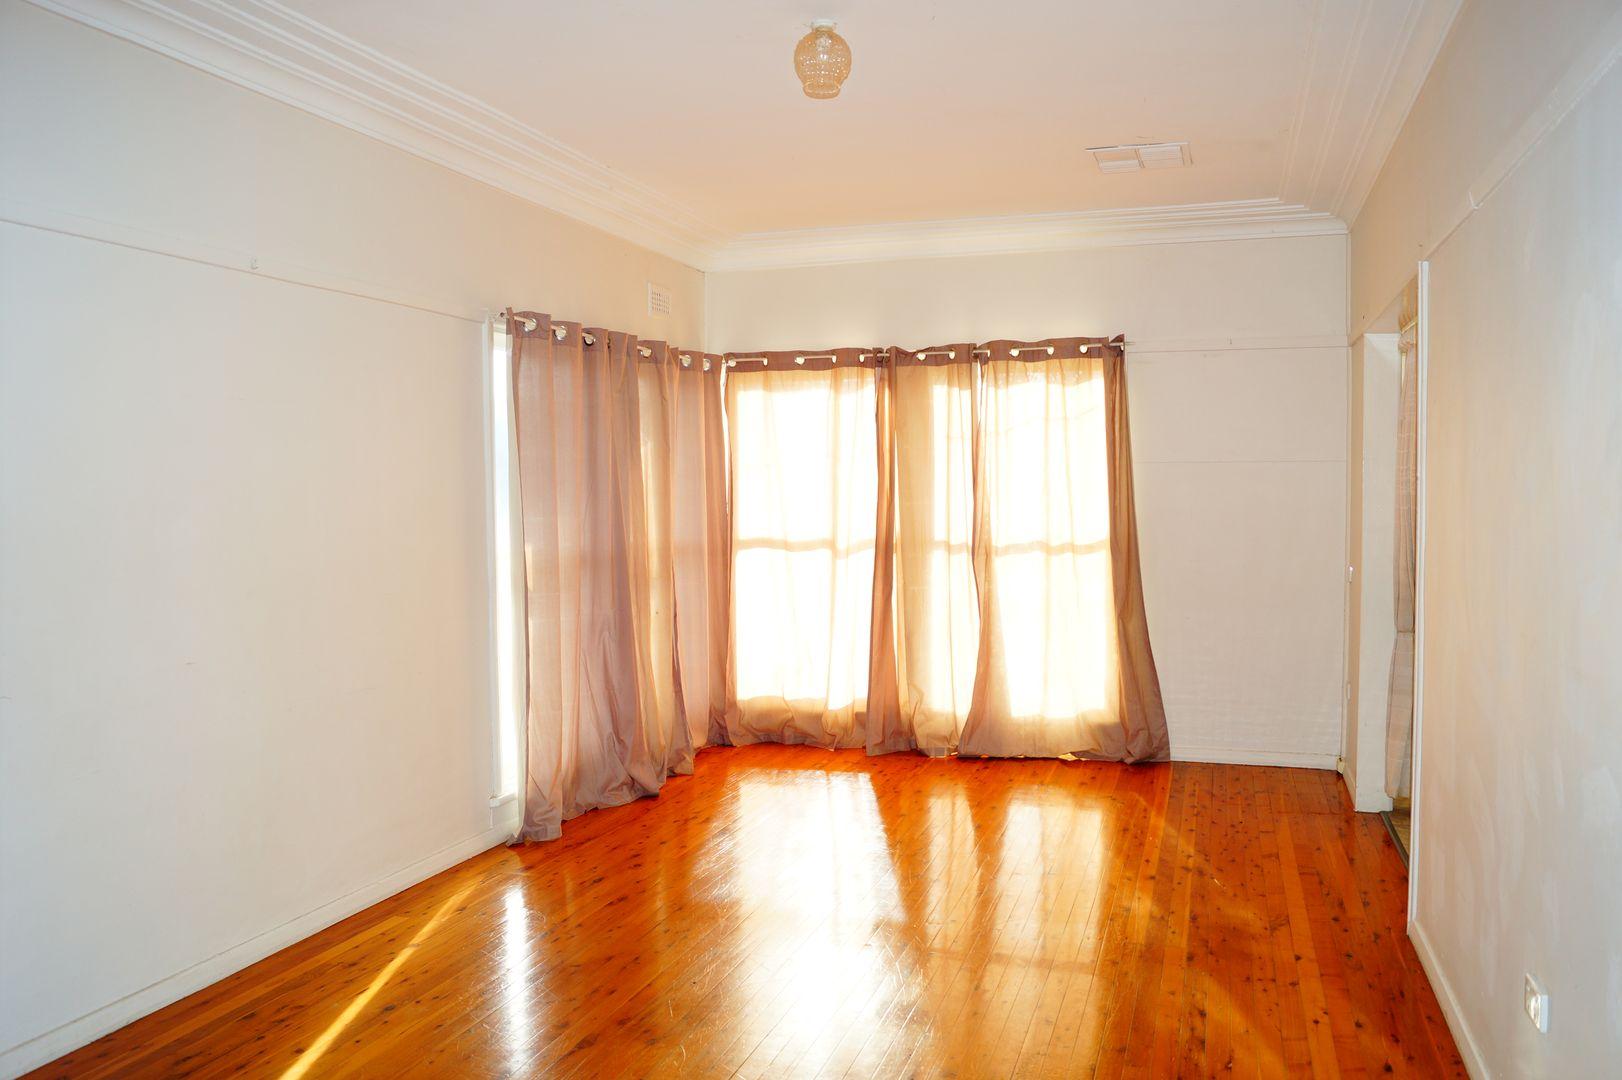 373 Warialda Street, Moree NSW 2400, Image 1